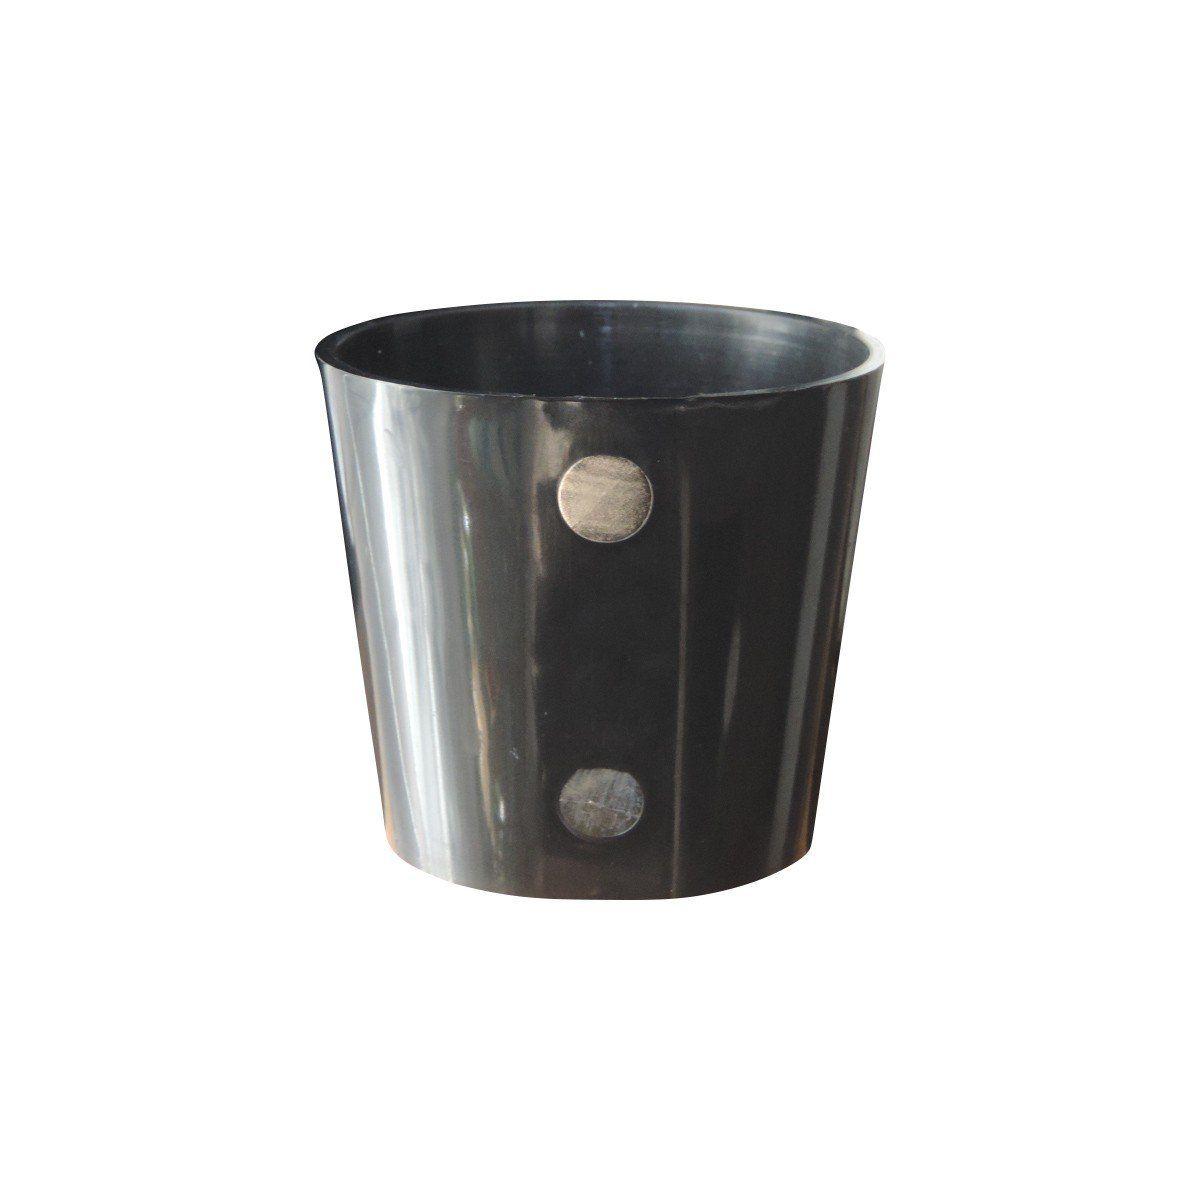 Vaso Magnético de Plástico Preto 5cm x 6cm